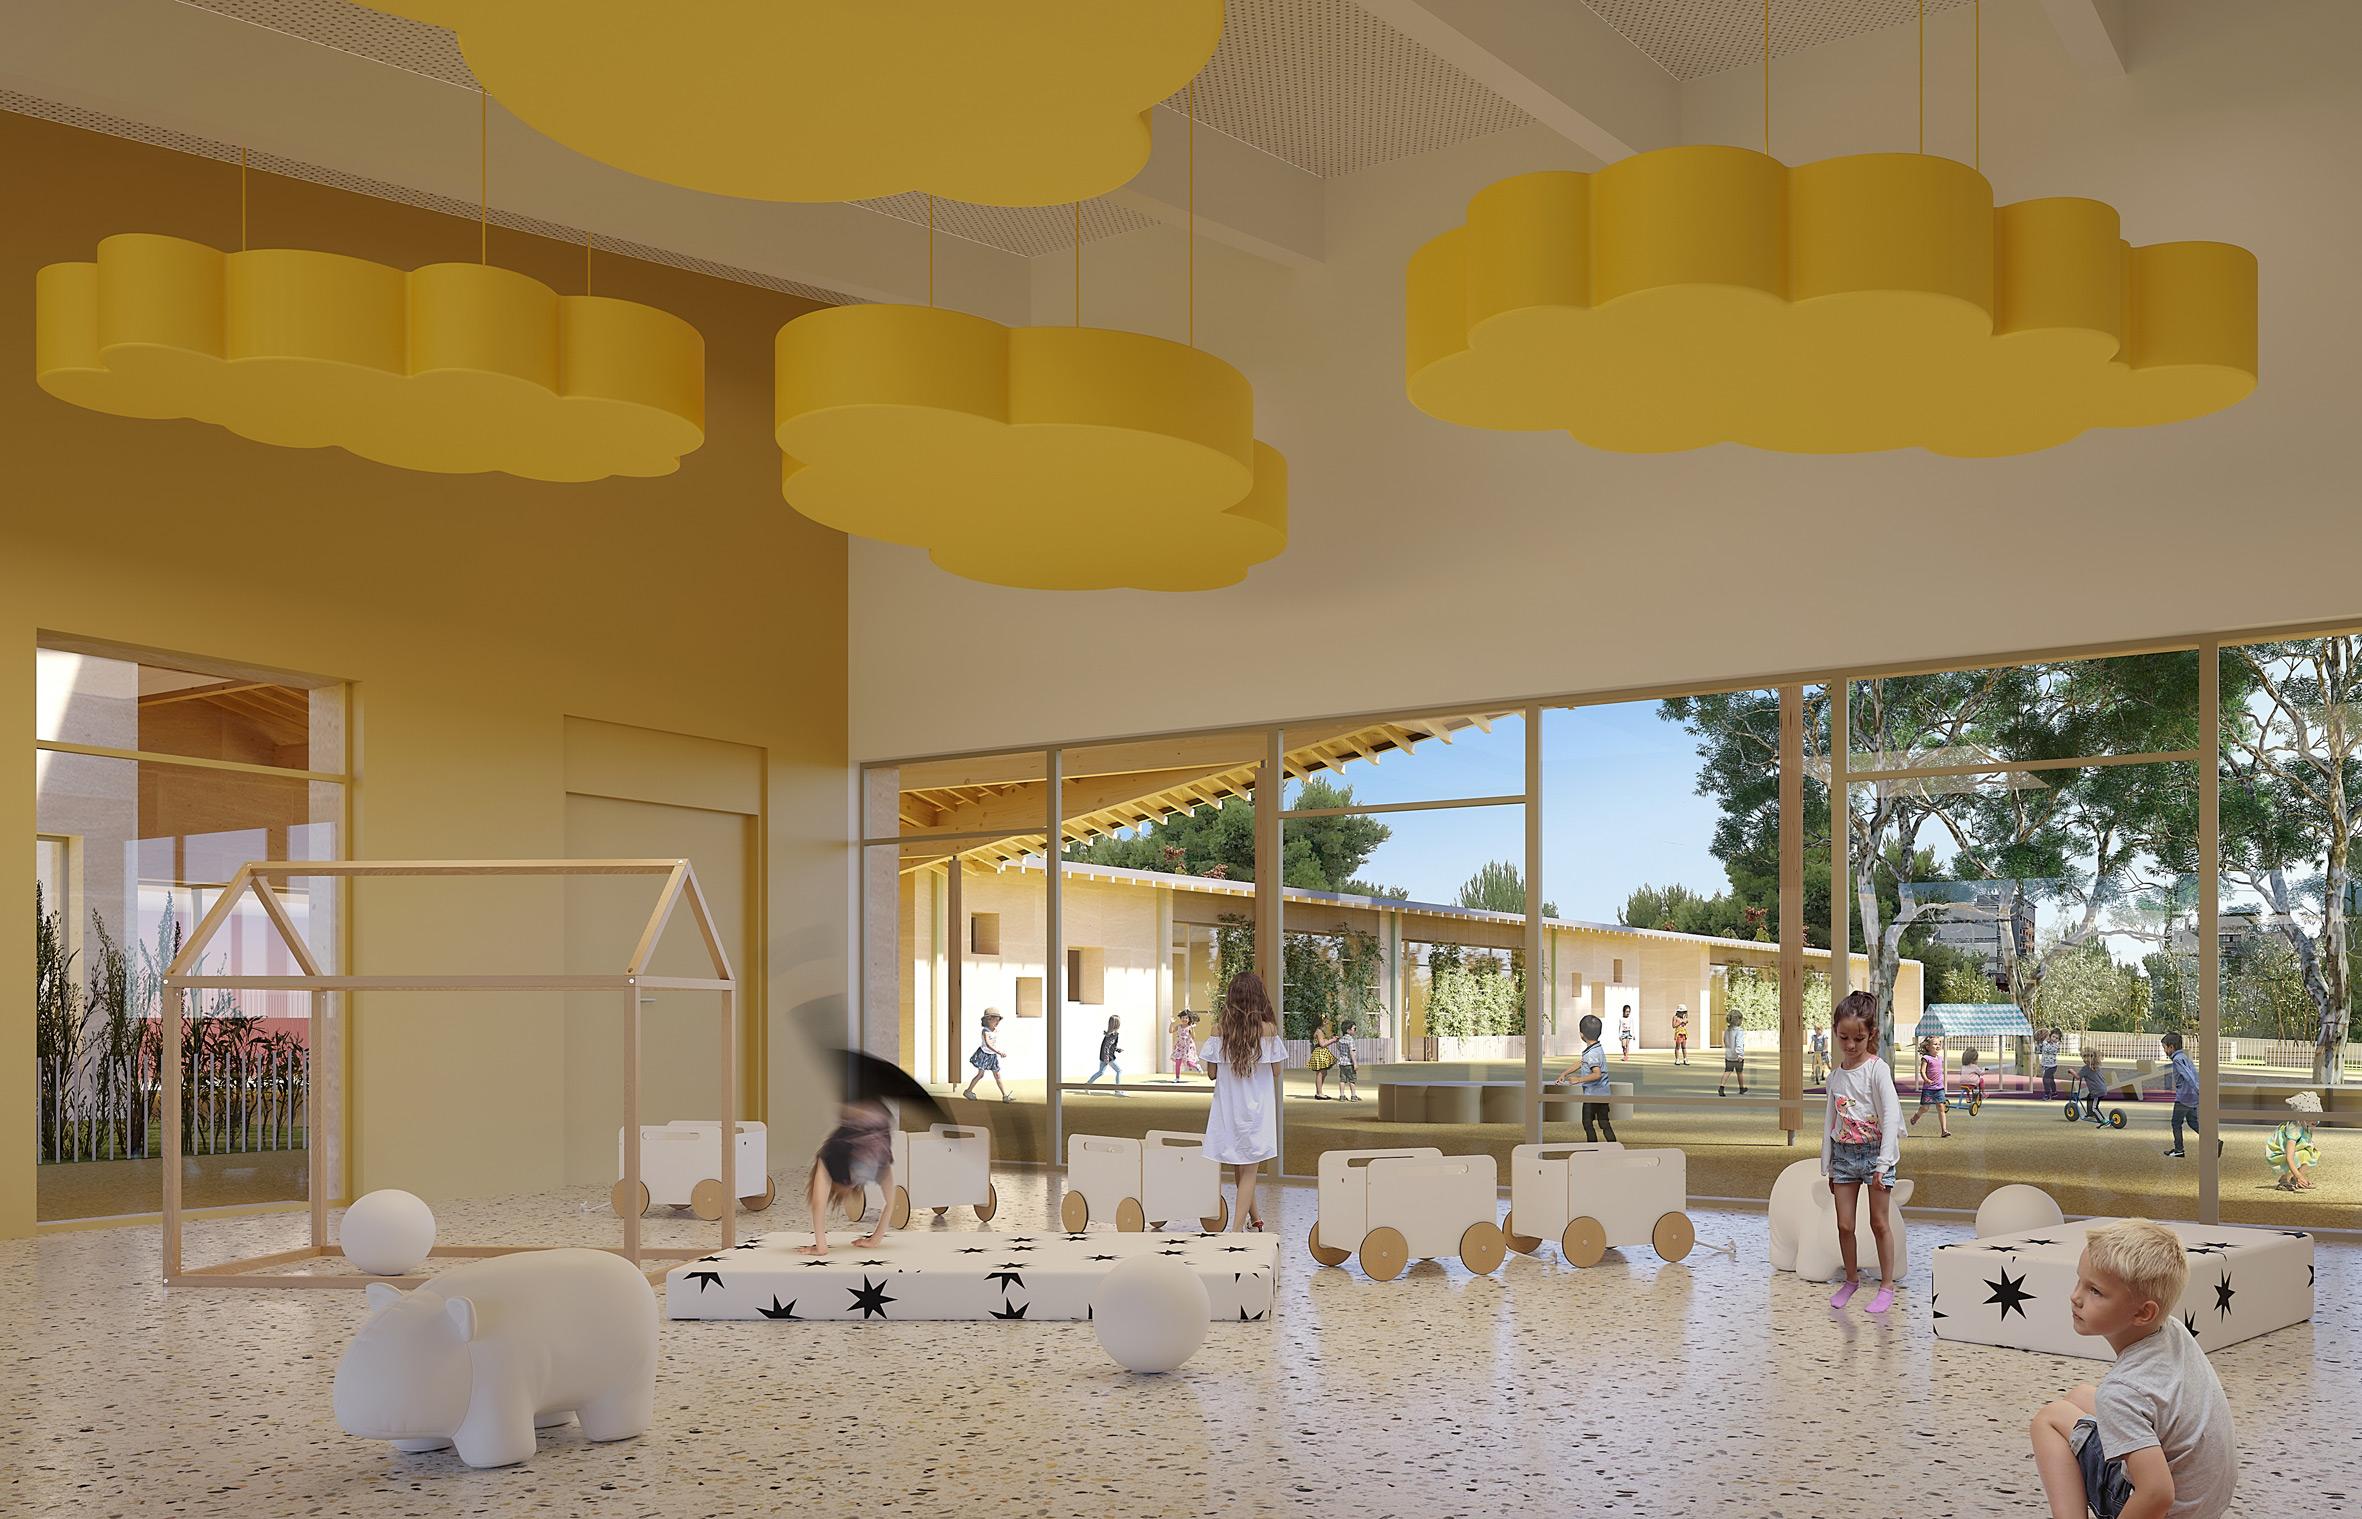 Groupe scolaire les Oliviers à Béziers - Perspective sur salle plurivalente et sur cour intérieure